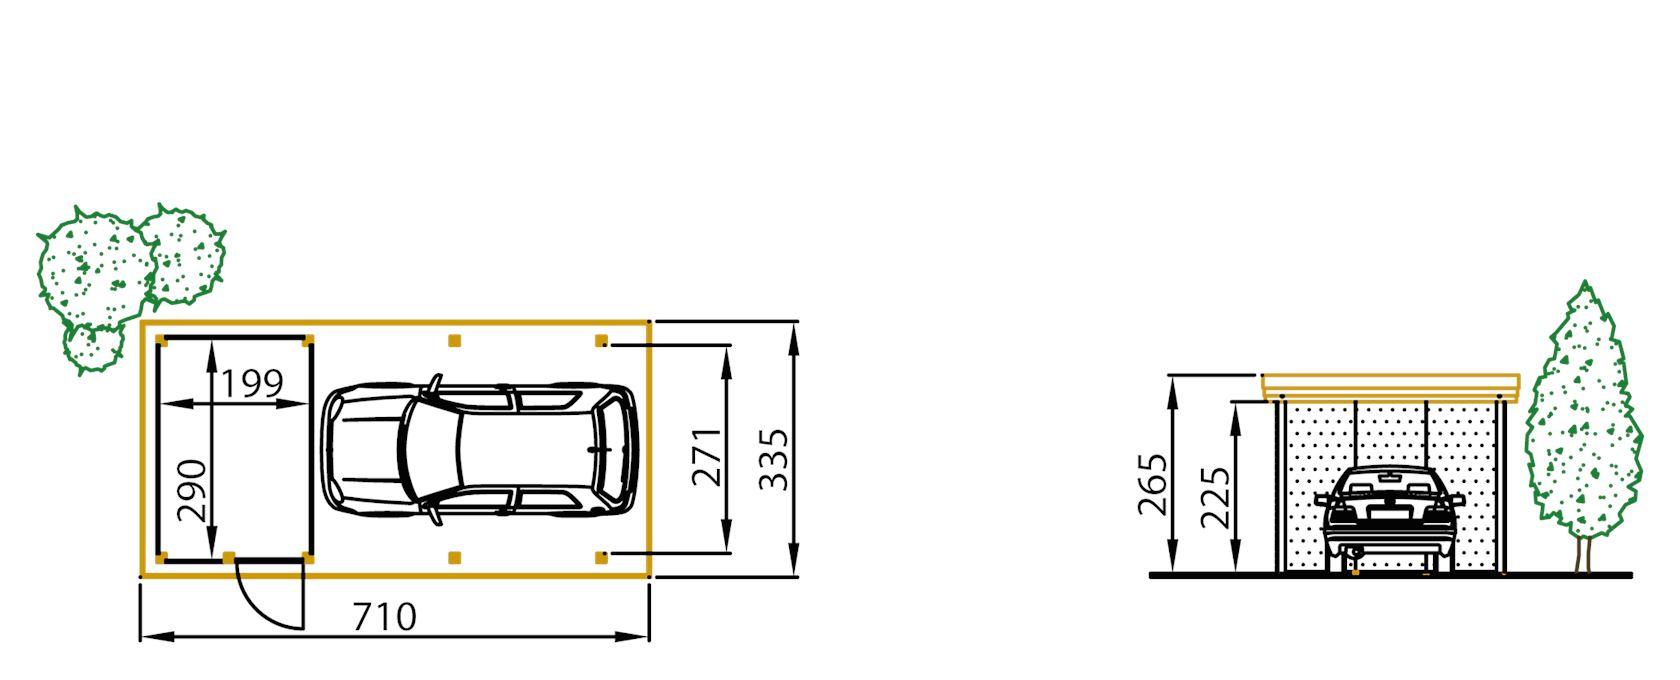 carport grenen c410 + berging